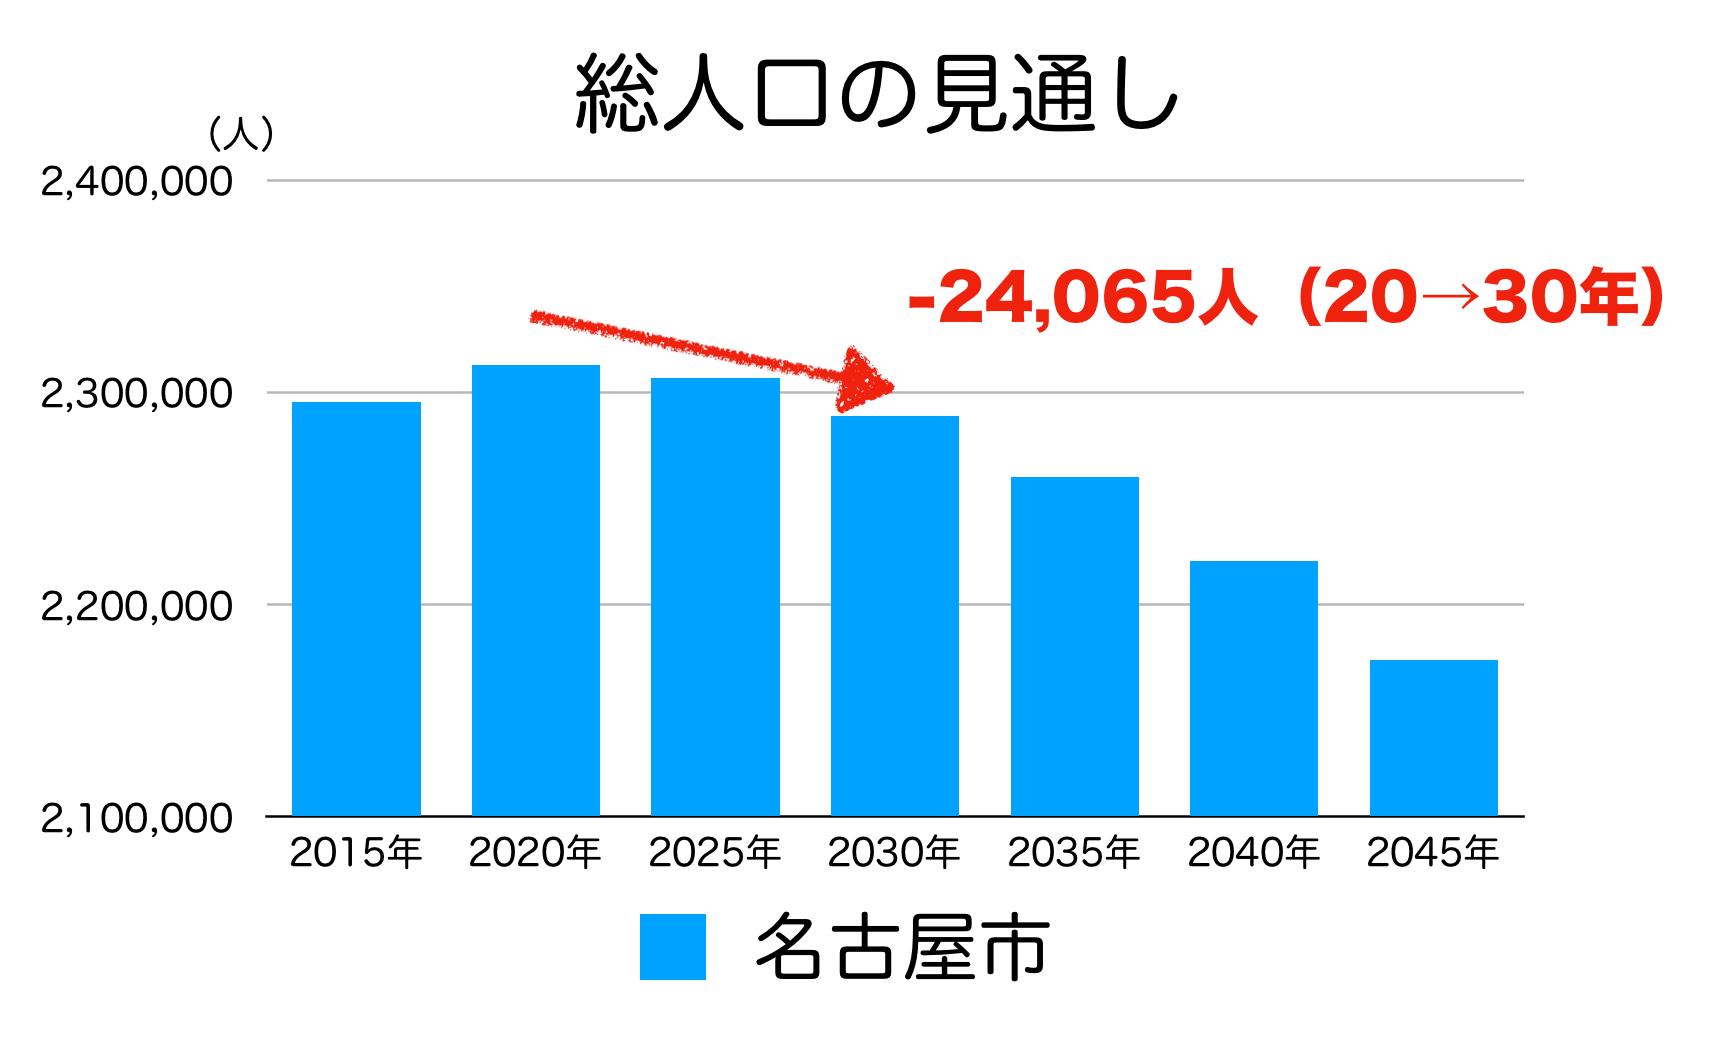 名古屋市の人口予測